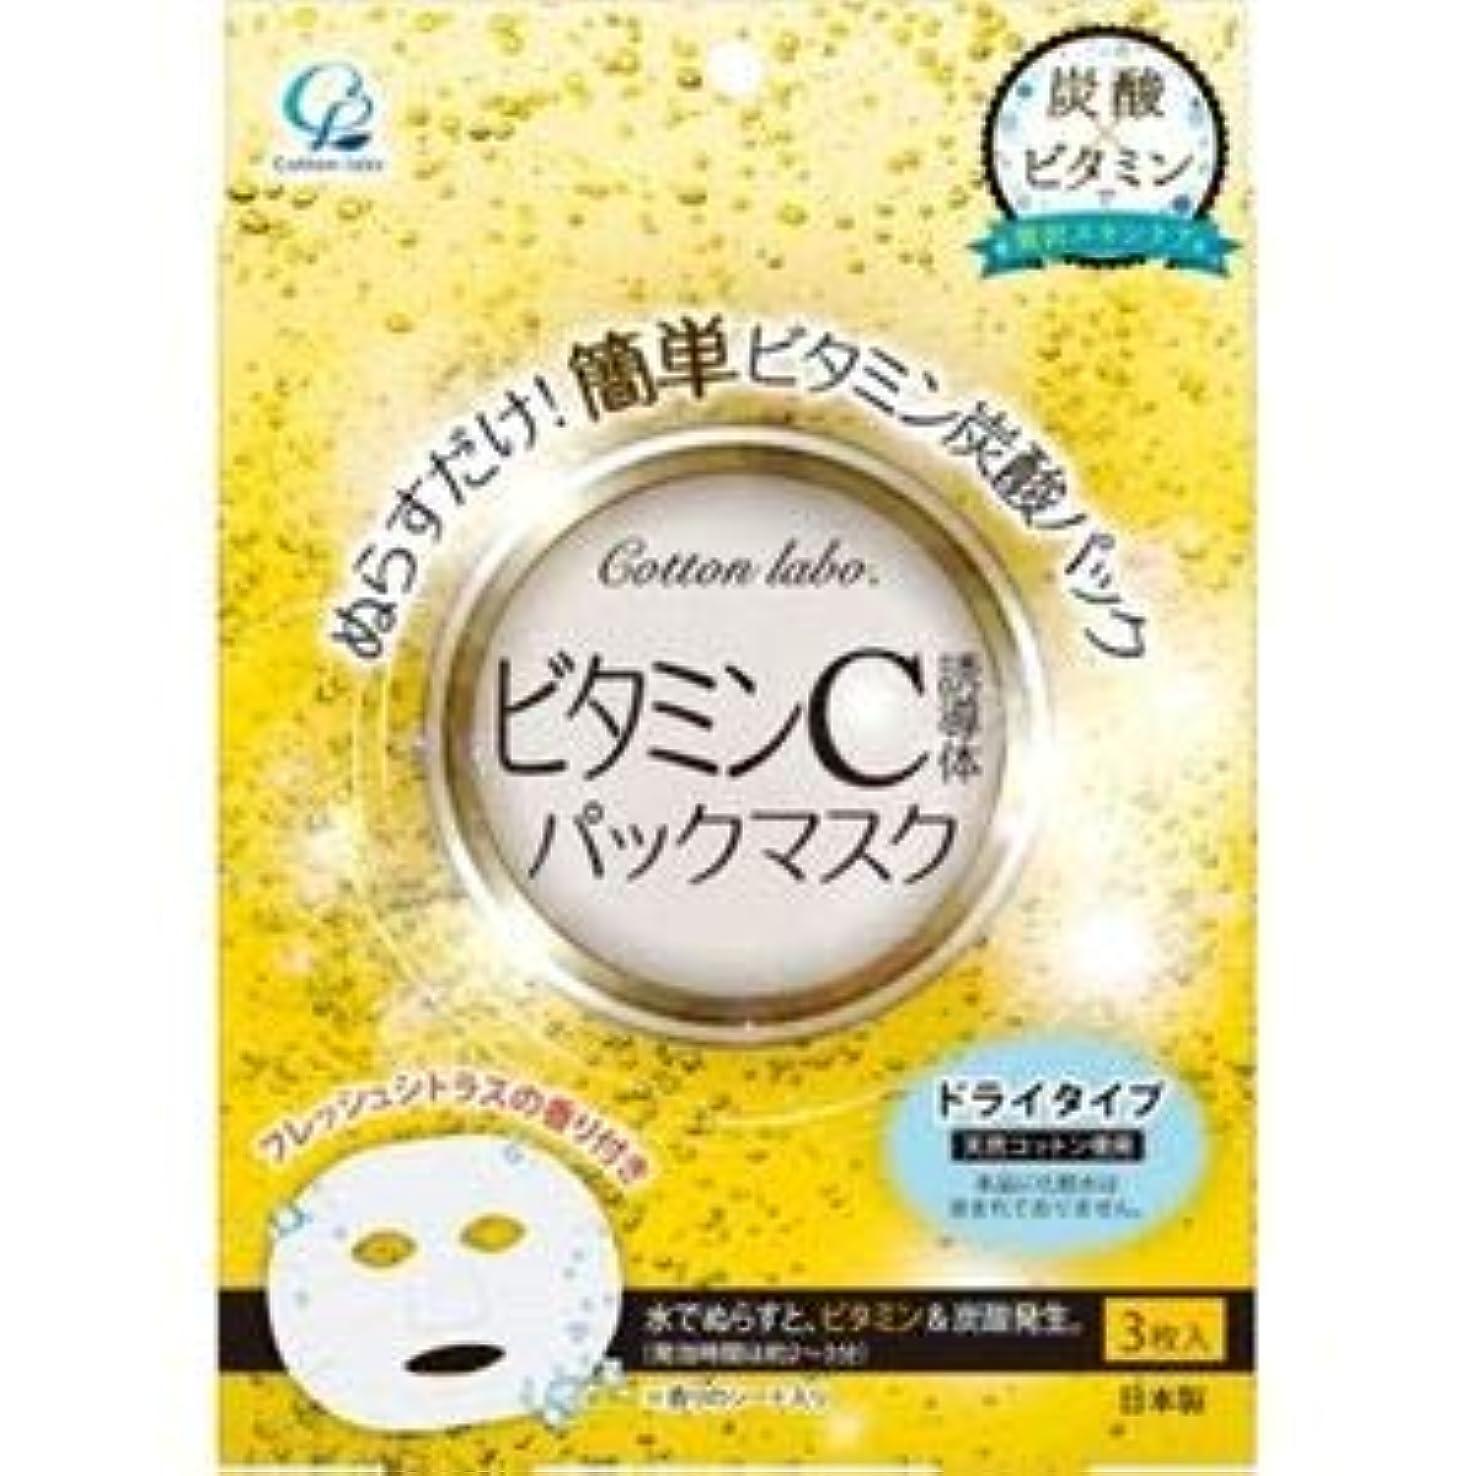 故国柔らかさ地味な(まとめ)コットンラボ ビタミンパックマスク3枚 【×5点セット】